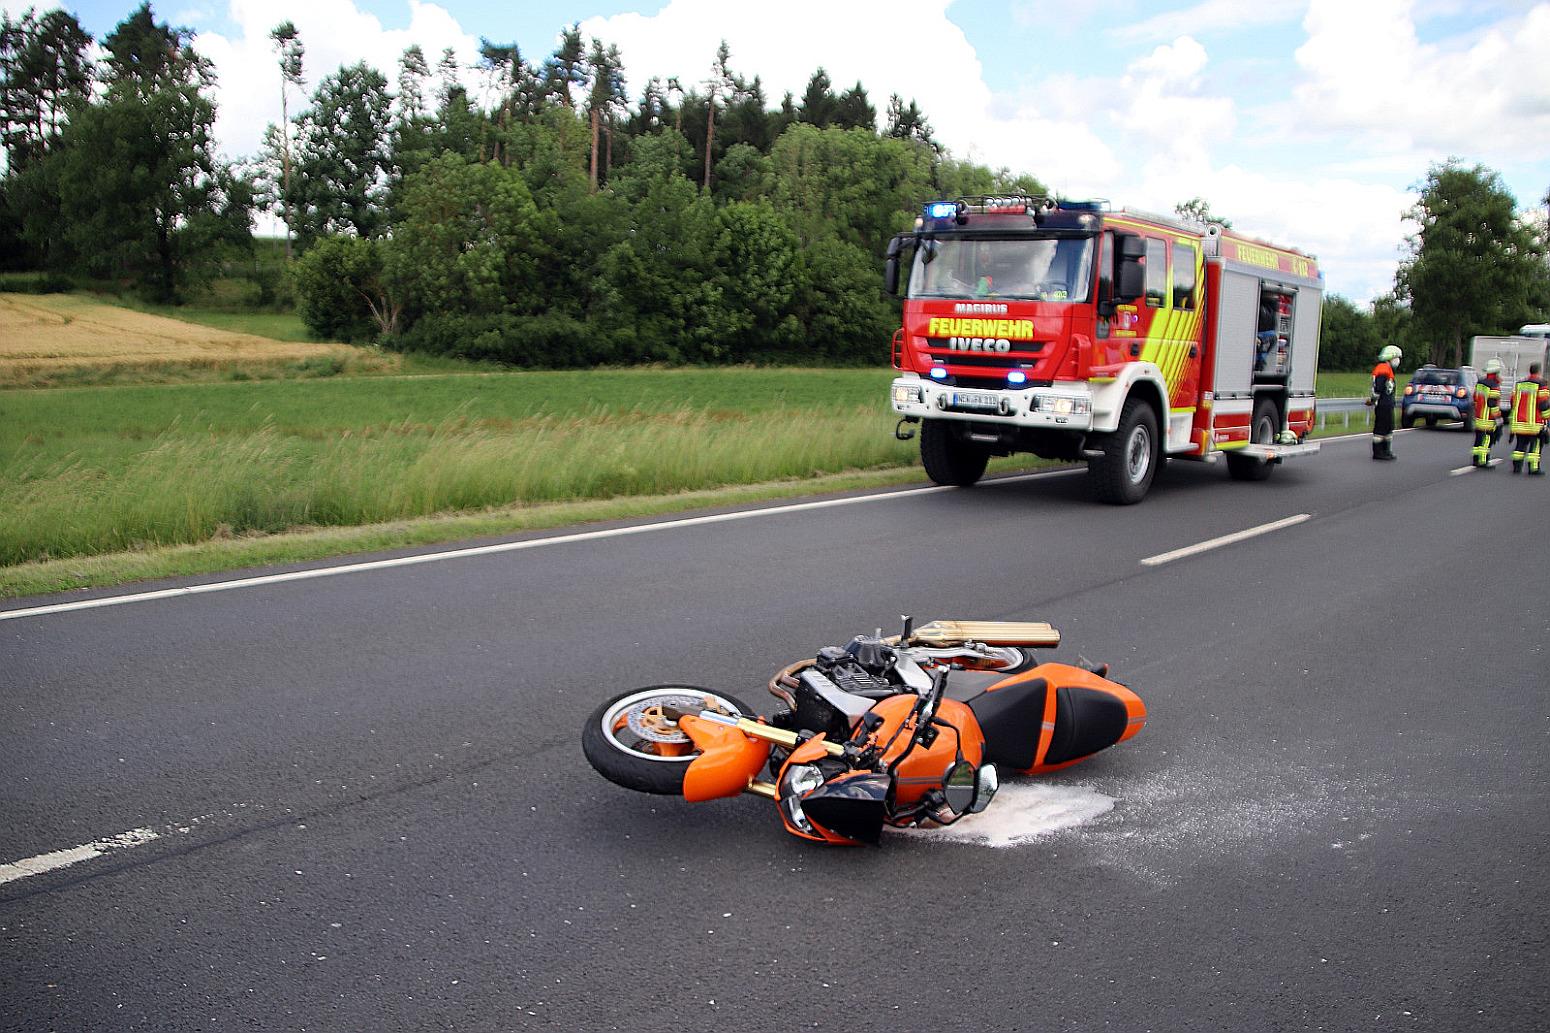 Verkehrsunfall zwischen Motorradfahrerin und Traktor-Gespann in Schwandorf